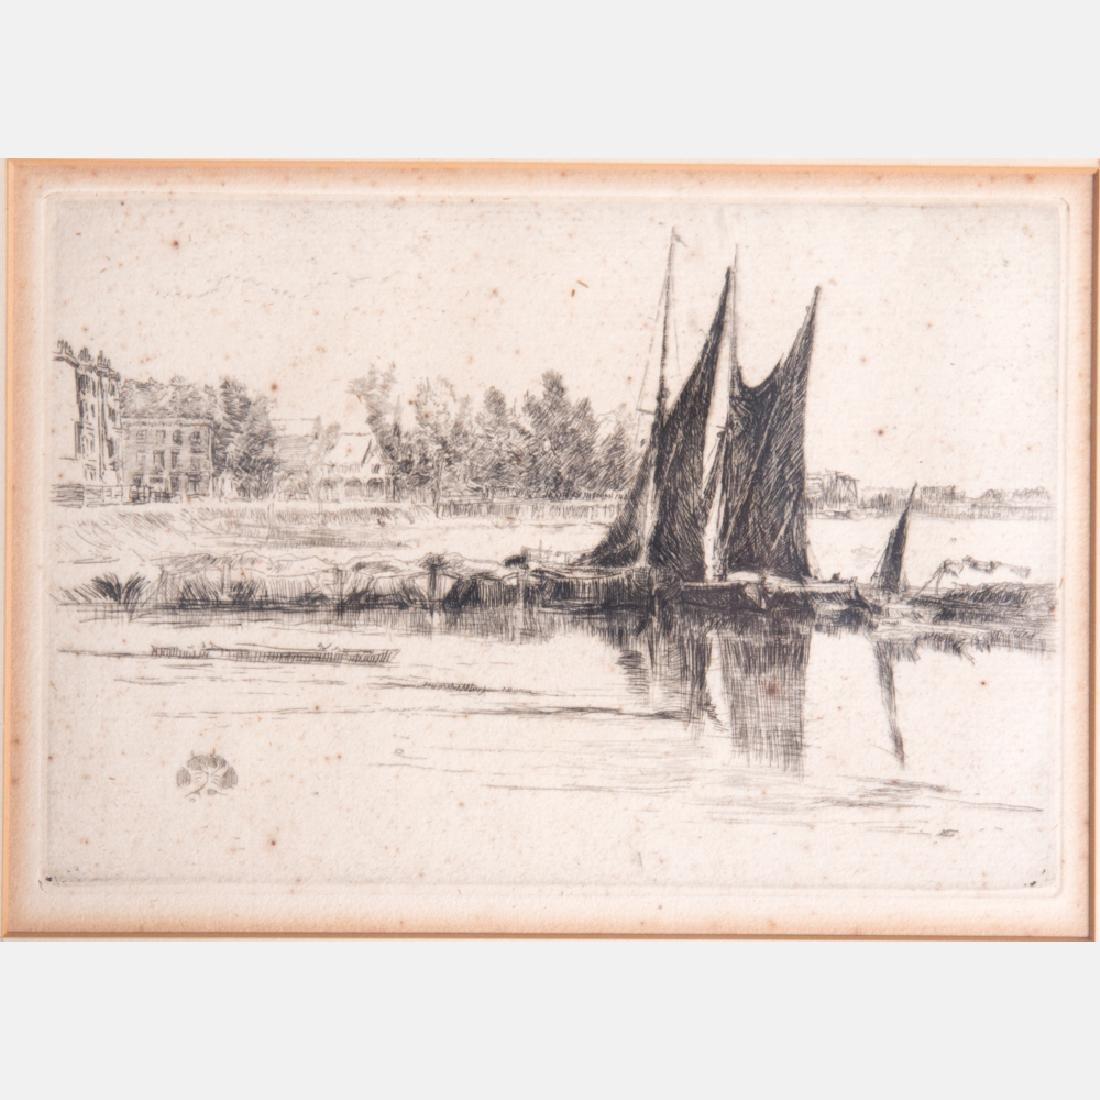 James Abbott McNeill Whistler (1834-1903) Hurlingham